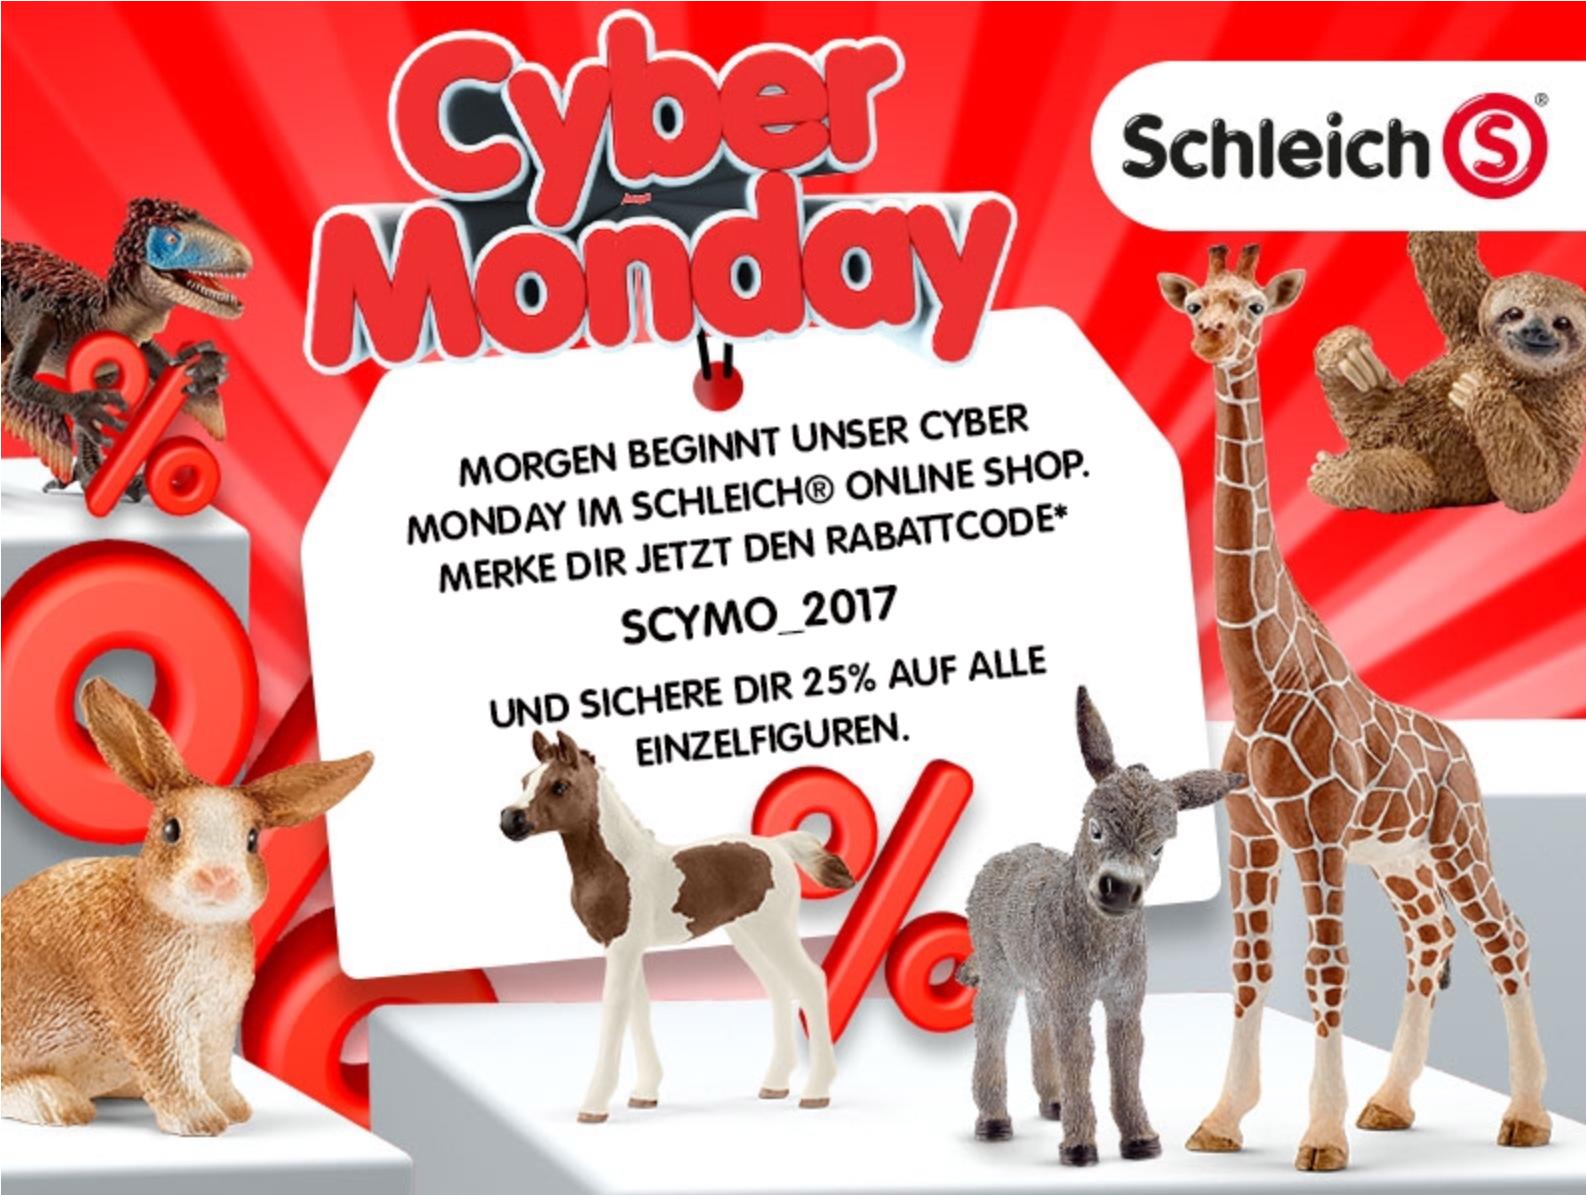 Schleich Shop 25% Rabatt am Montag 27.11.